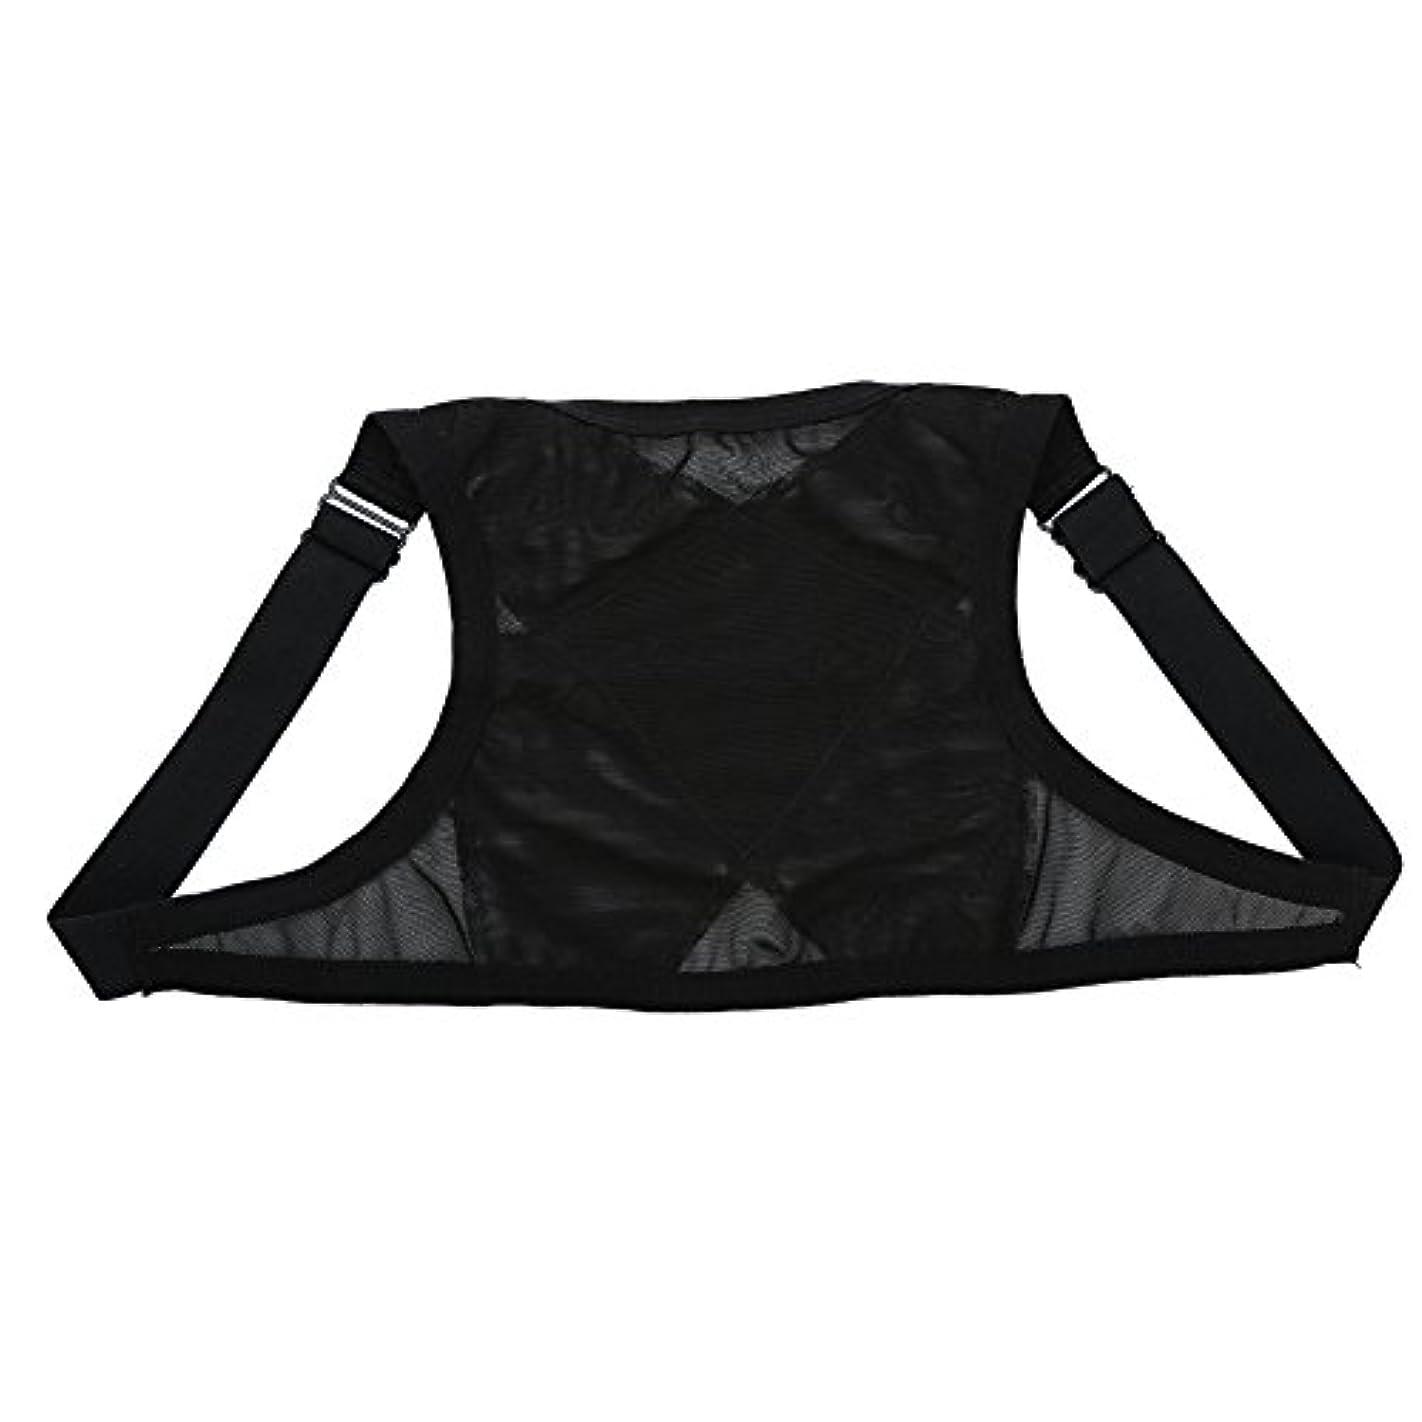 削除するエージェント硫黄姿勢矯正具、整形外科用矯正具、肩の体位の矯正、整形外科用こぶの軽減のための包帯矯正具、青年用(M)